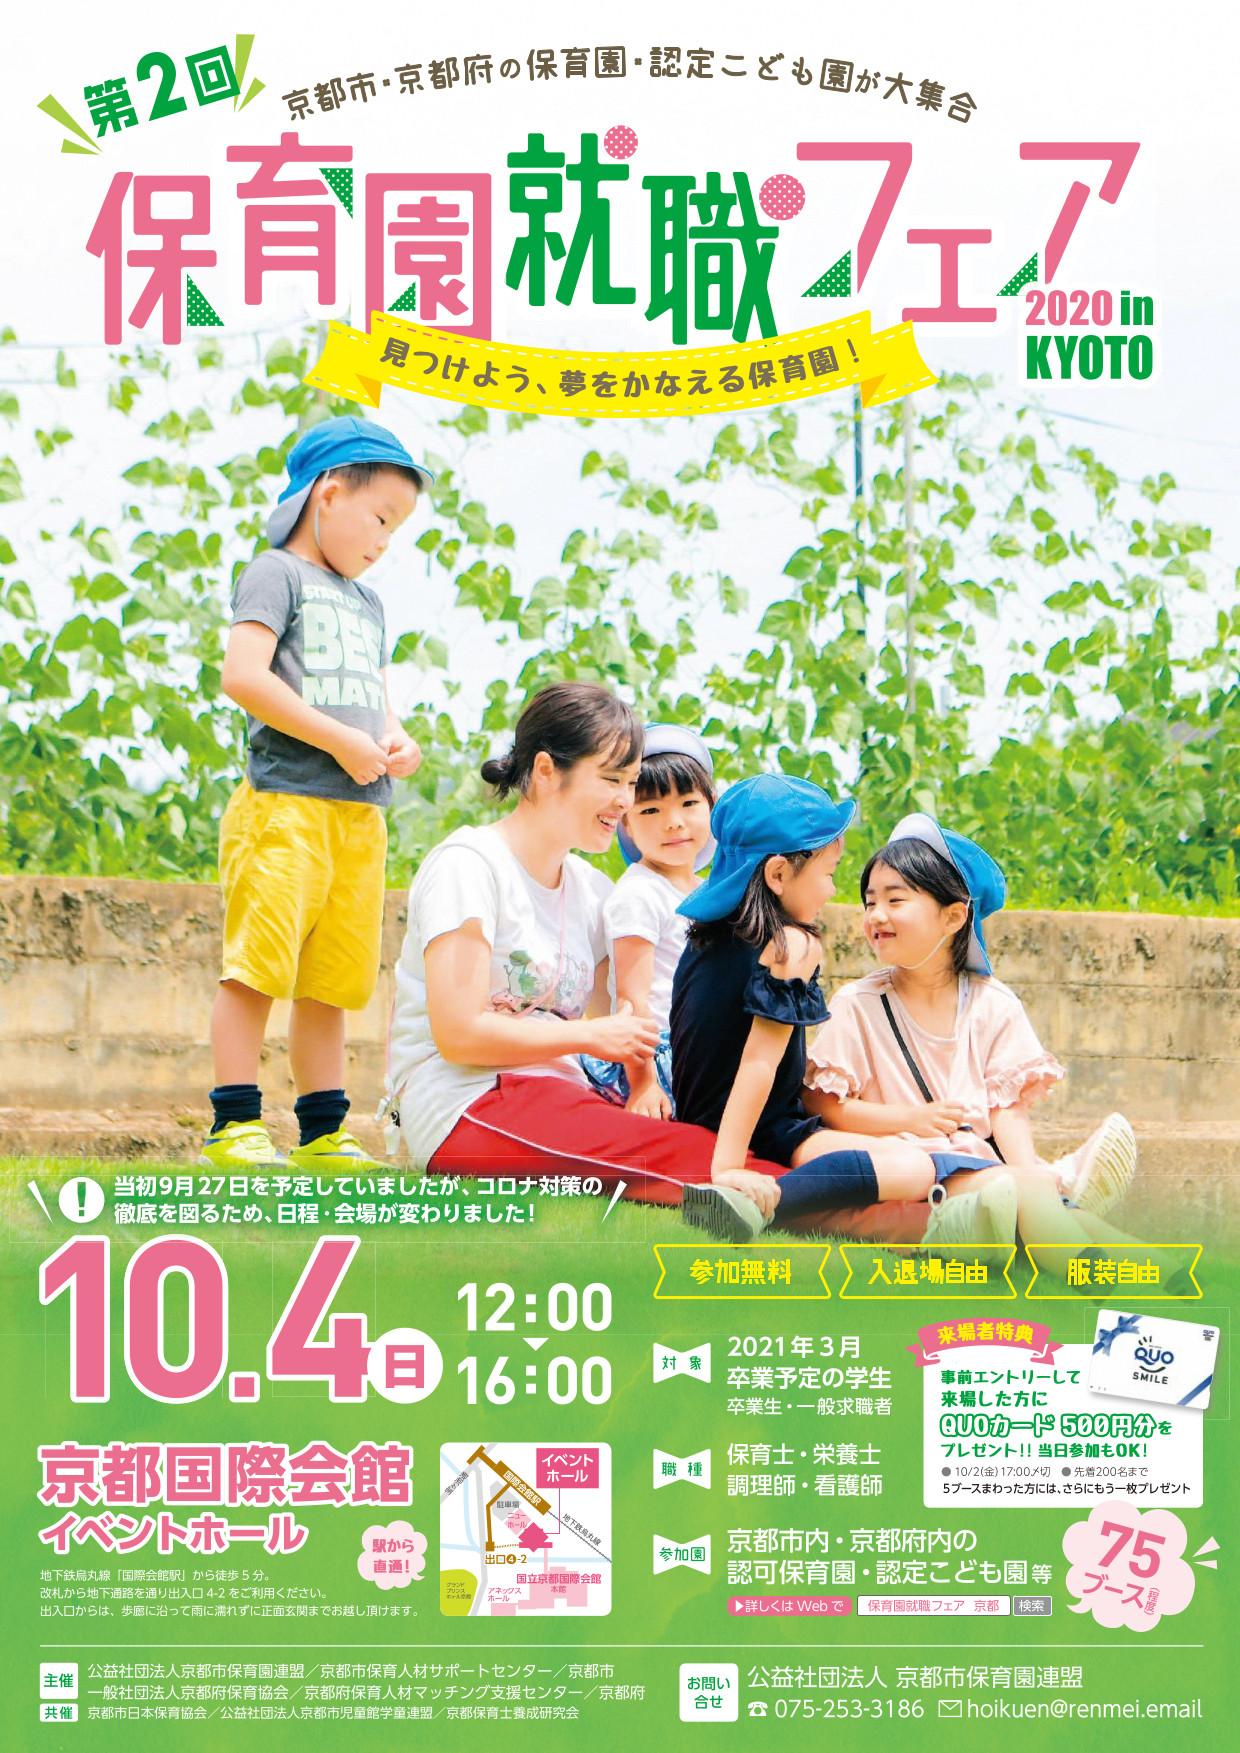 第2回 保育園就職フェア2020 in KYOTO